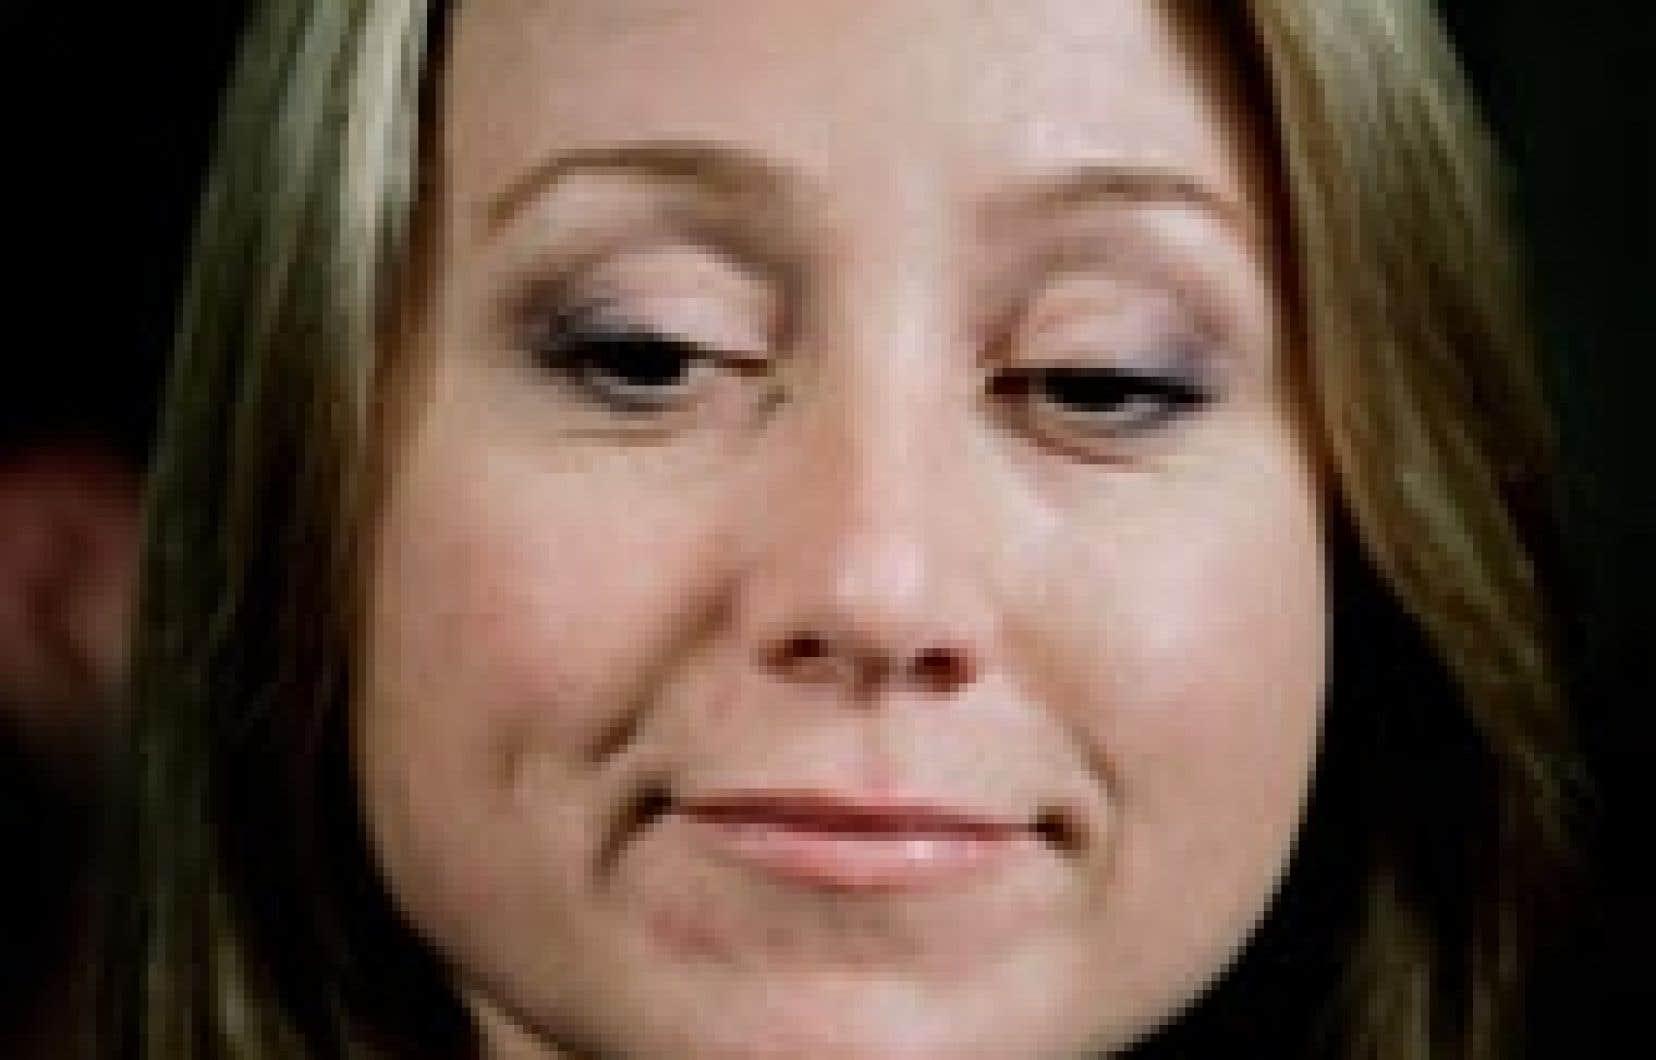 Le nom de Belinda Stronach a été mentionné comme étant la femme avec laquelle Tie Domi a commis l'adultère.